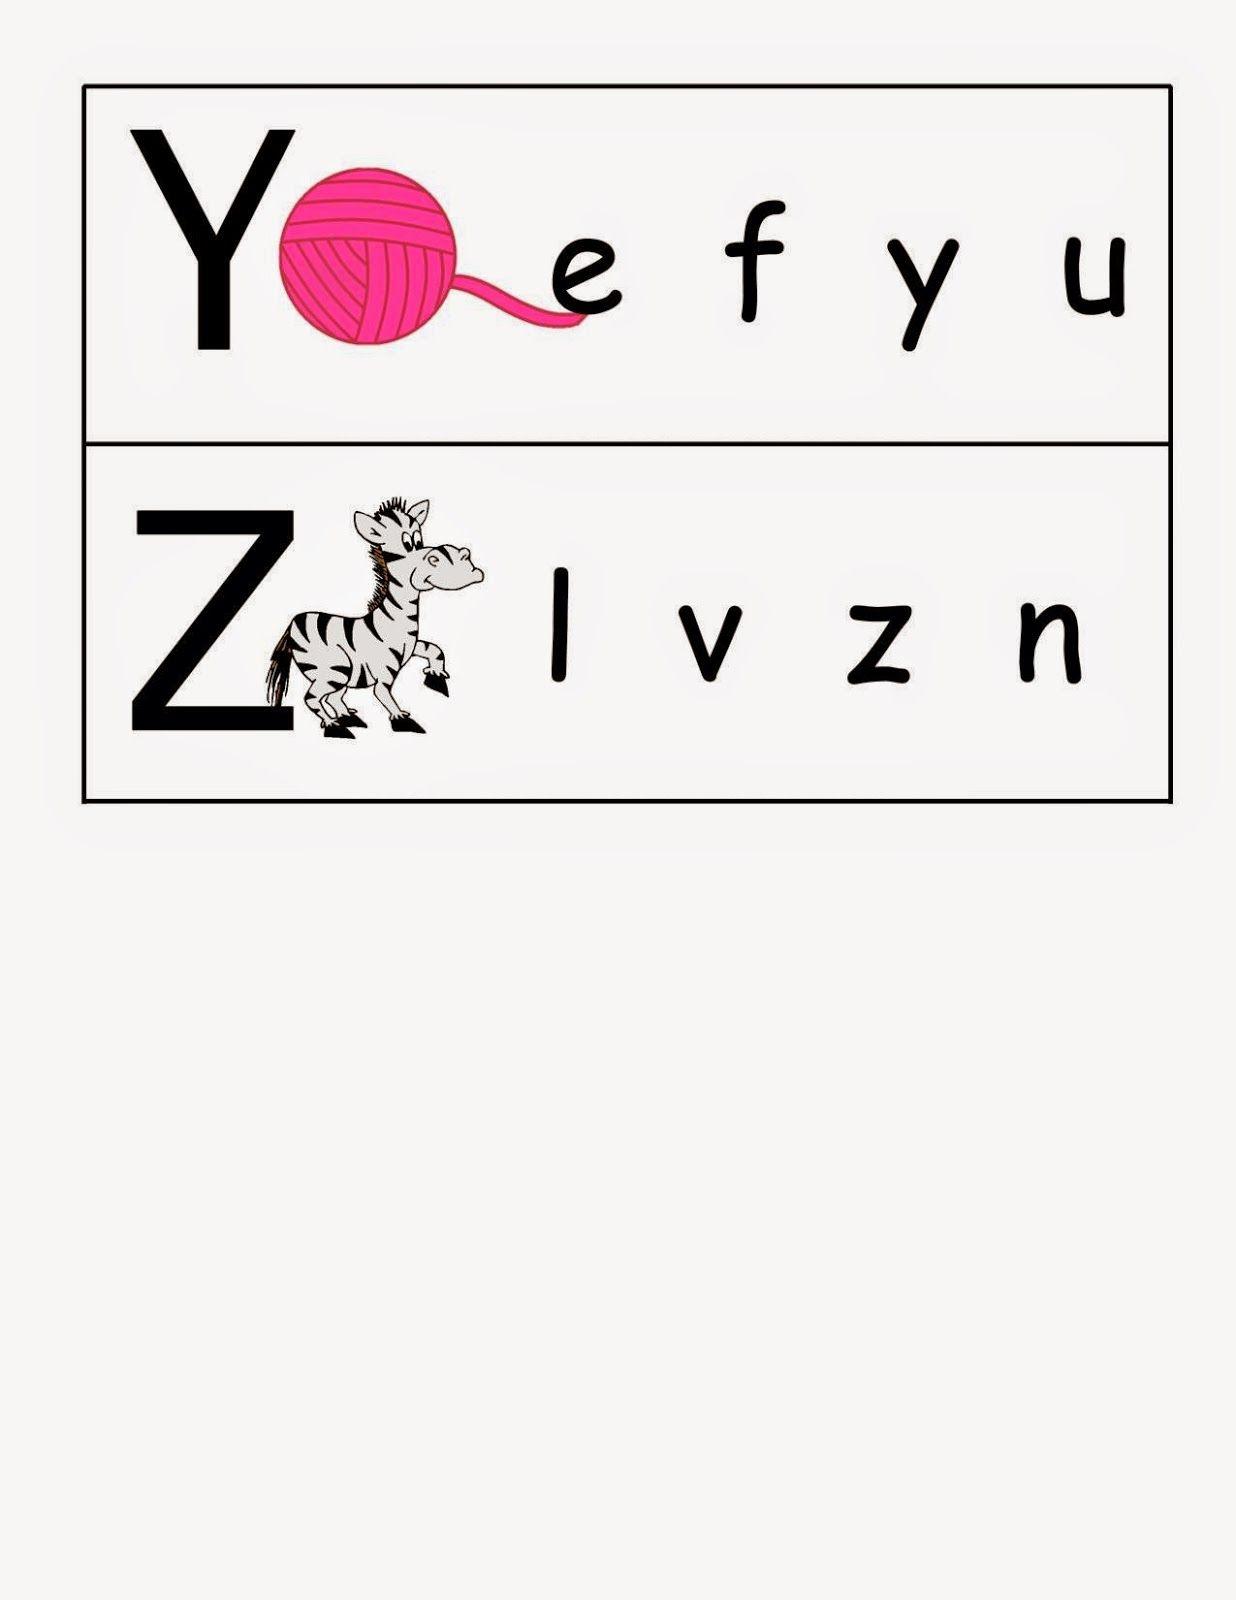 Printable Preschool Alphabet Tracing Letters Worksheets Kindergarten Addition Worksheets Handwriting Worksheets For Kids Subtraction Activities [ 1600 x 1236 Pixel ]